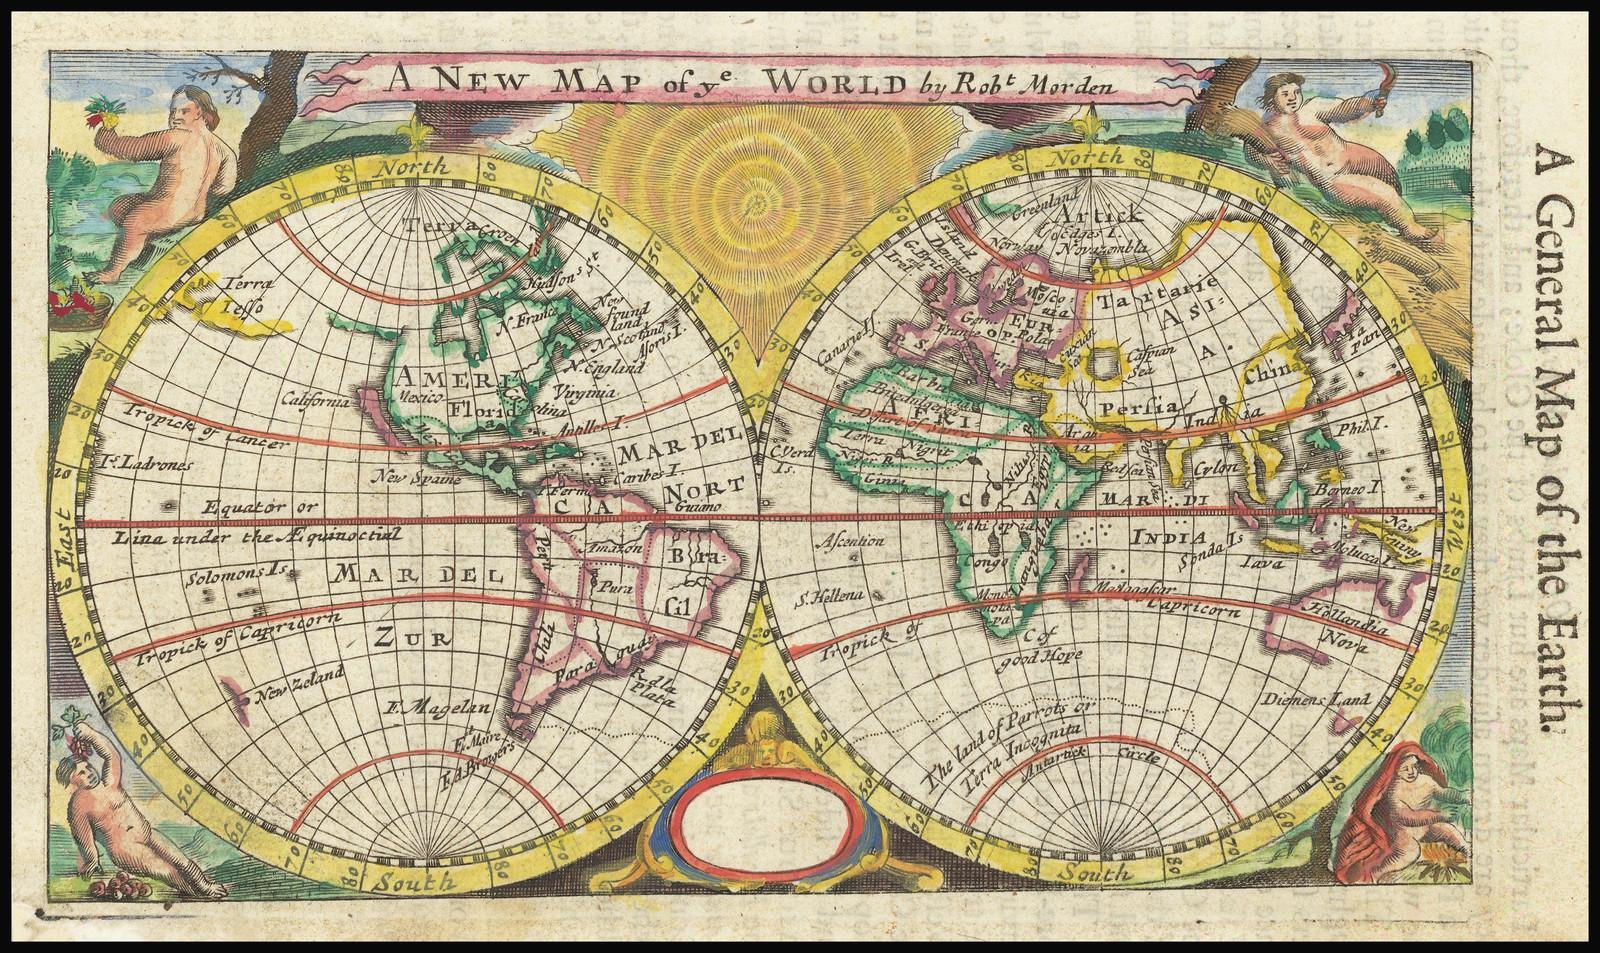 Новая карта мира от Роберта Мордена 1693 года